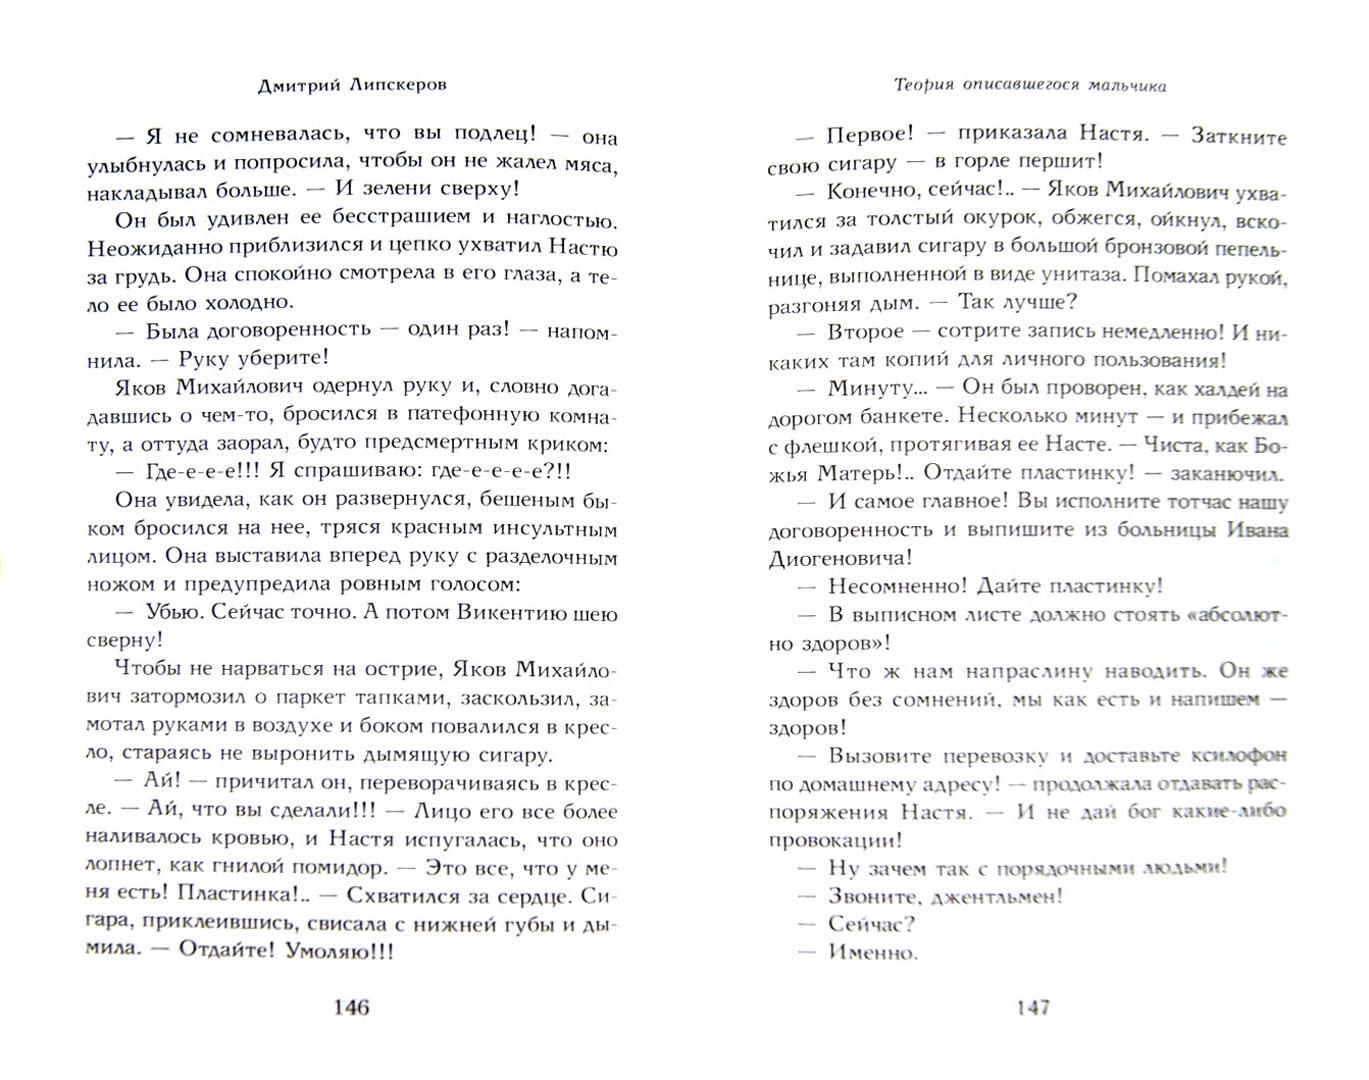 Иллюстрация 1 из 21 для Теория описавшегося мальчика - Дмитрий Липскеров | Лабиринт - книги. Источник: Лабиринт